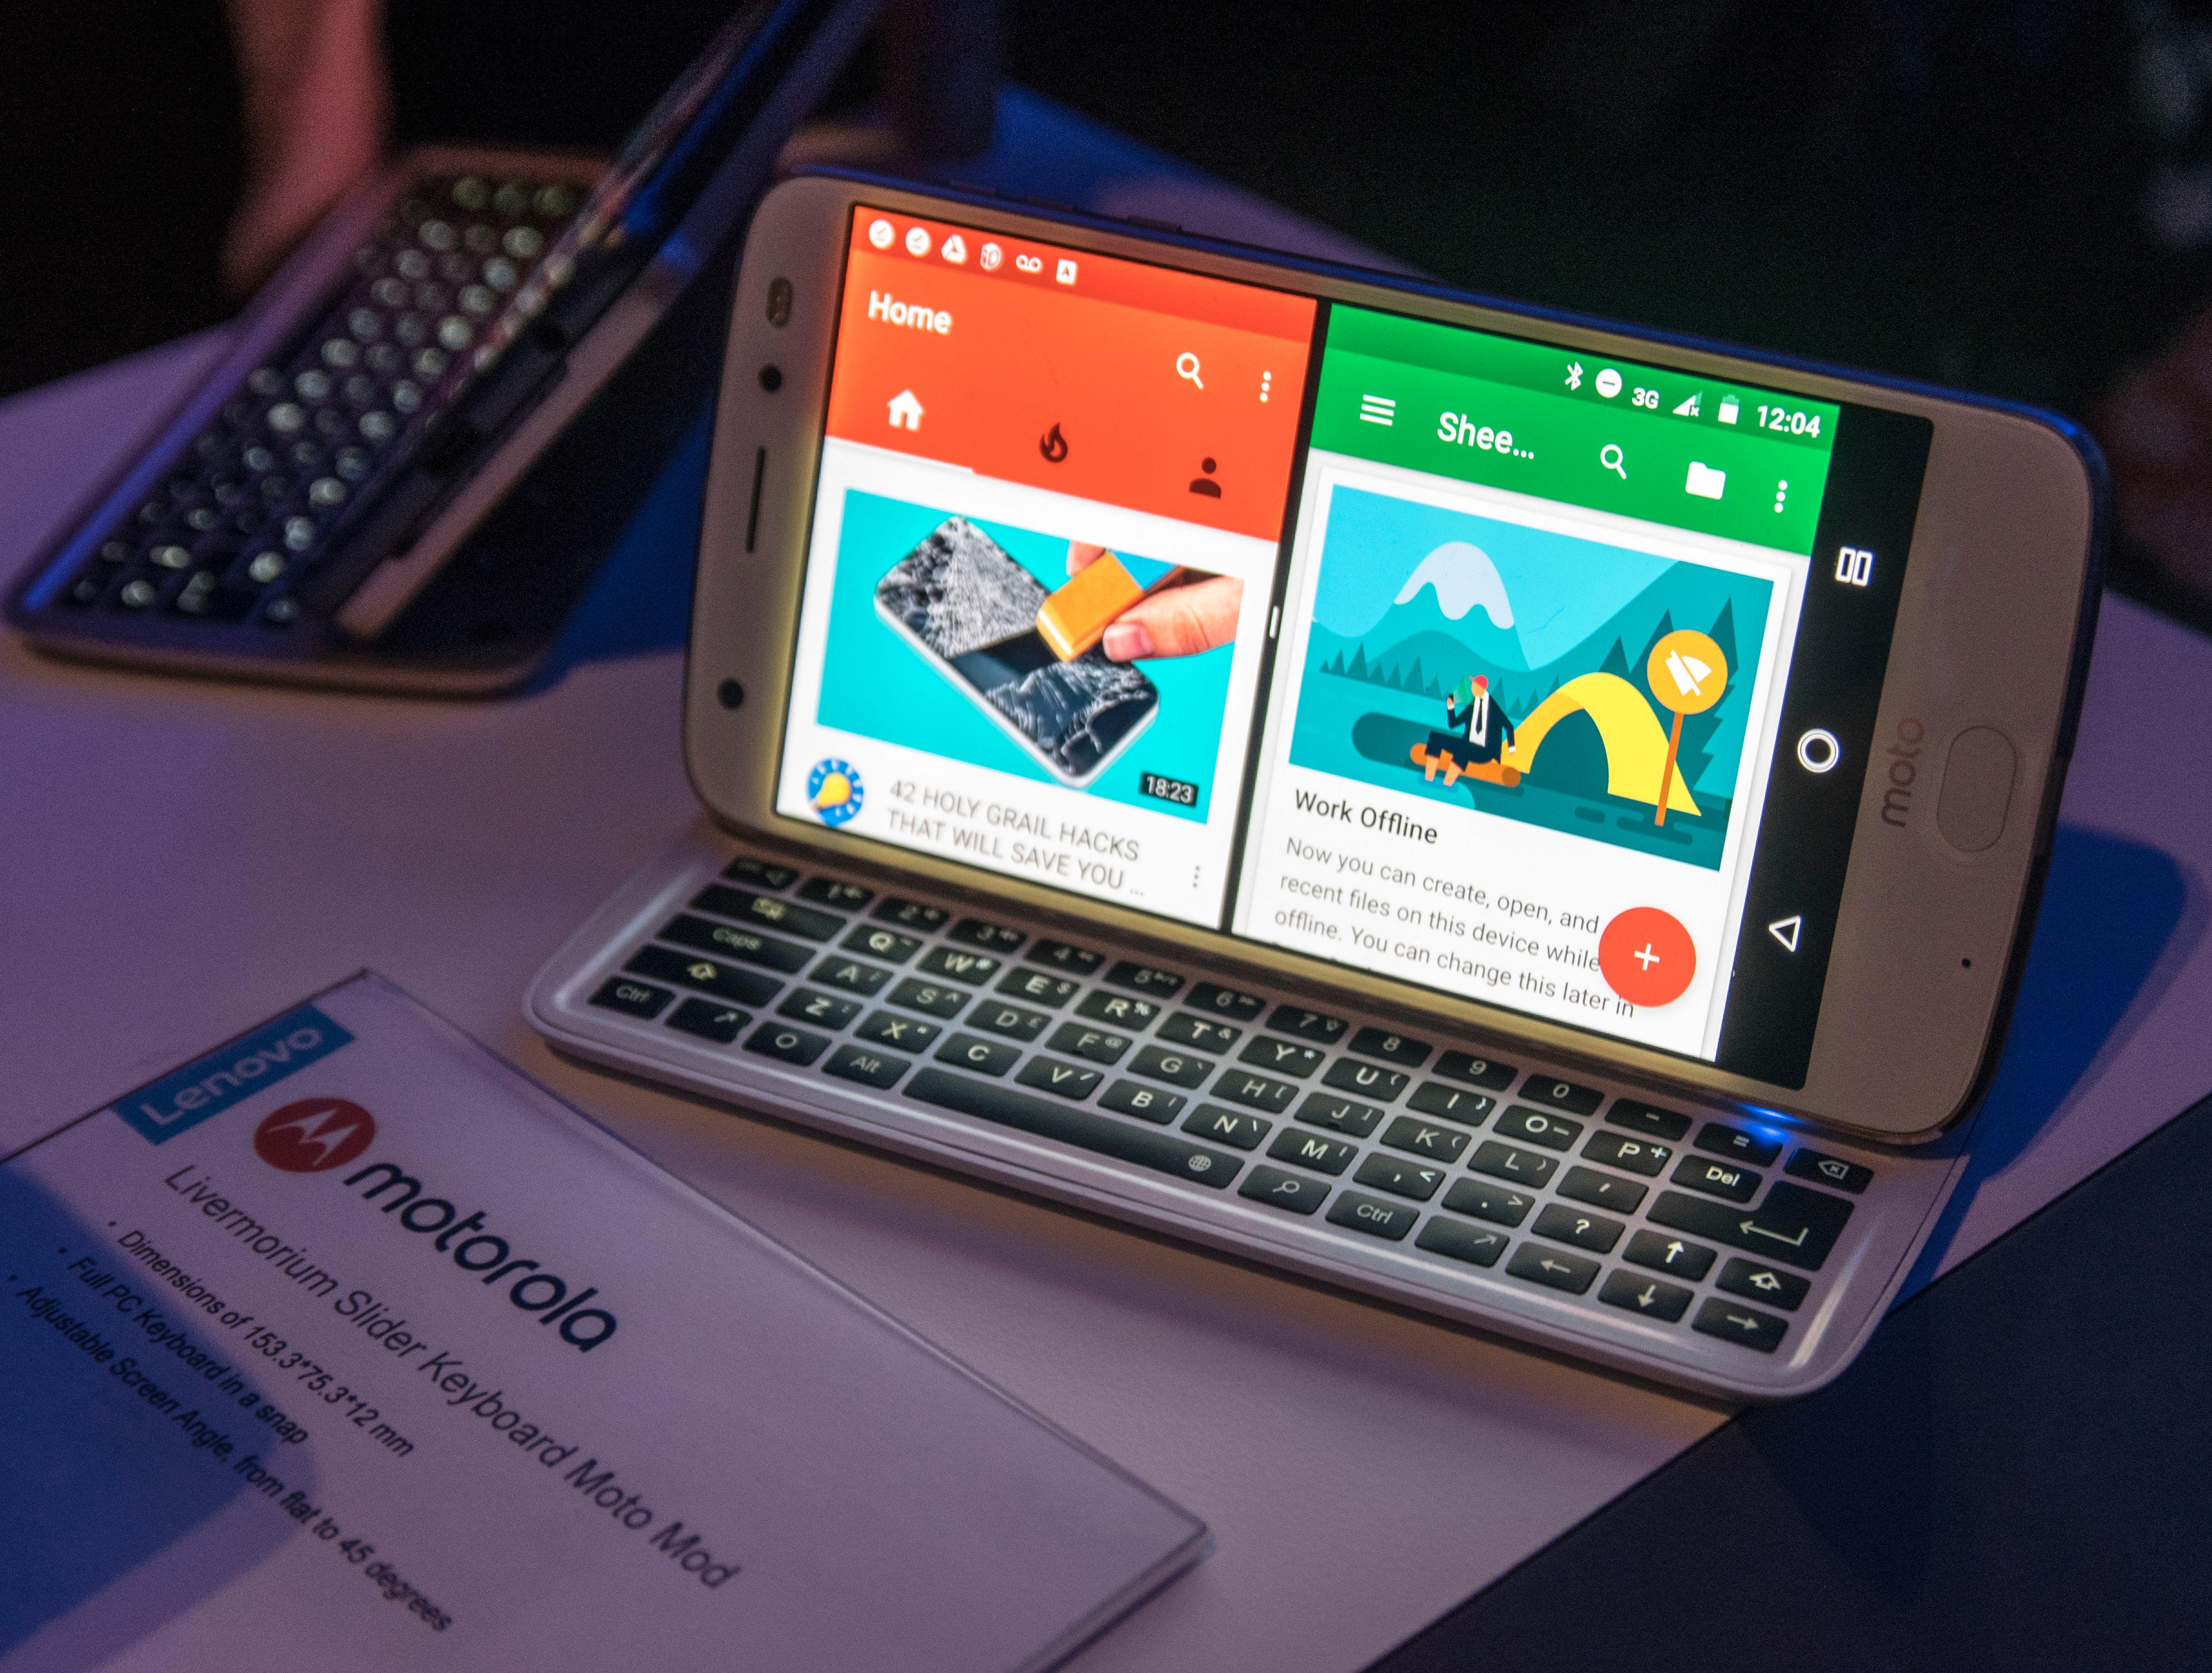 Slider Keyboard festes bakpå Moto Z-telefonene.